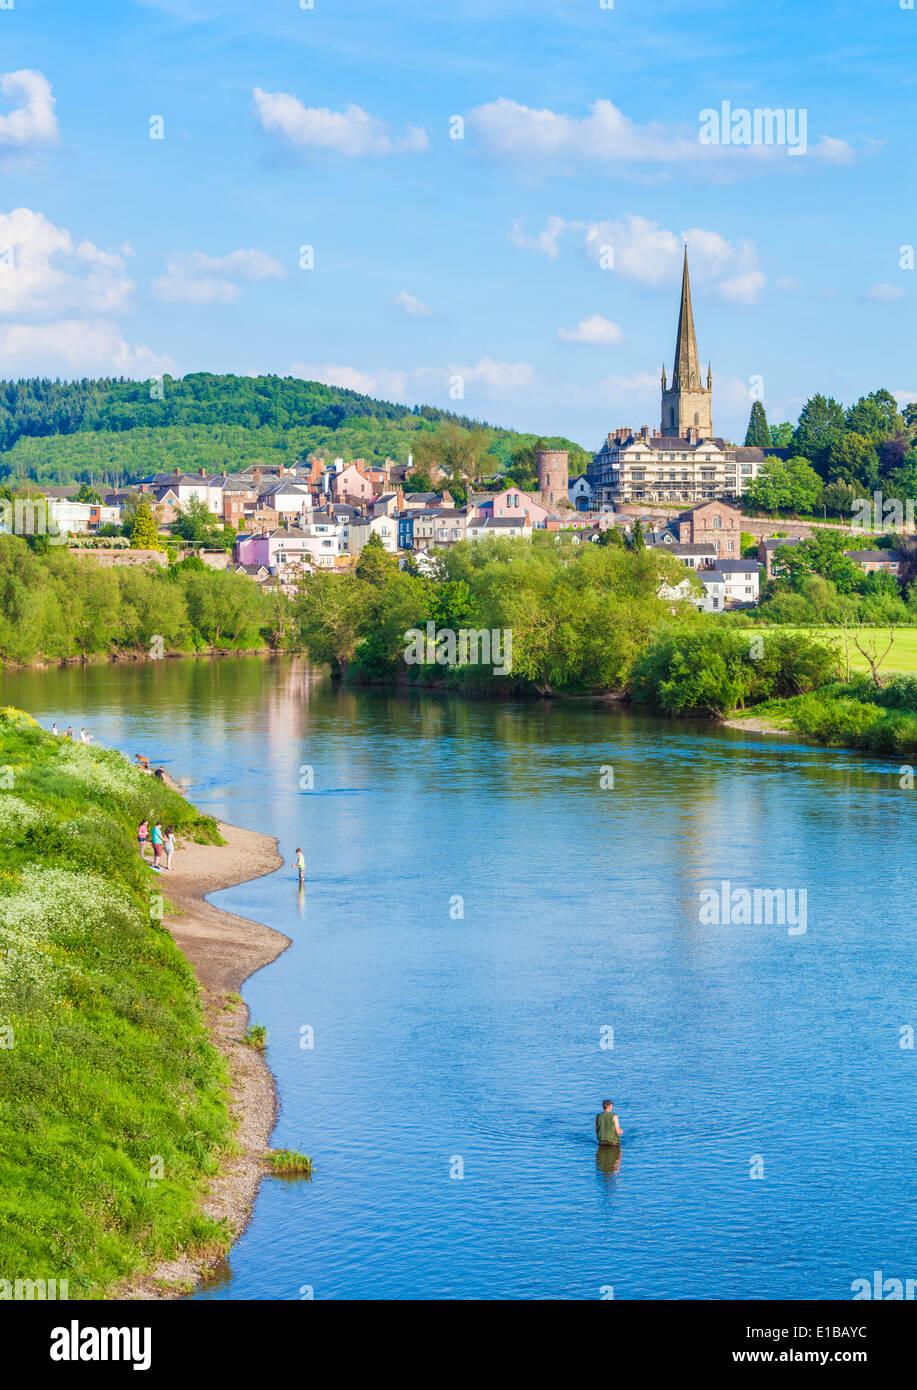 La pesca en el río Wye, Ross On Wye, Wye River Valley, Herefordshire, Inglaterra, Reino Unido, EU, Europa Foto de stock